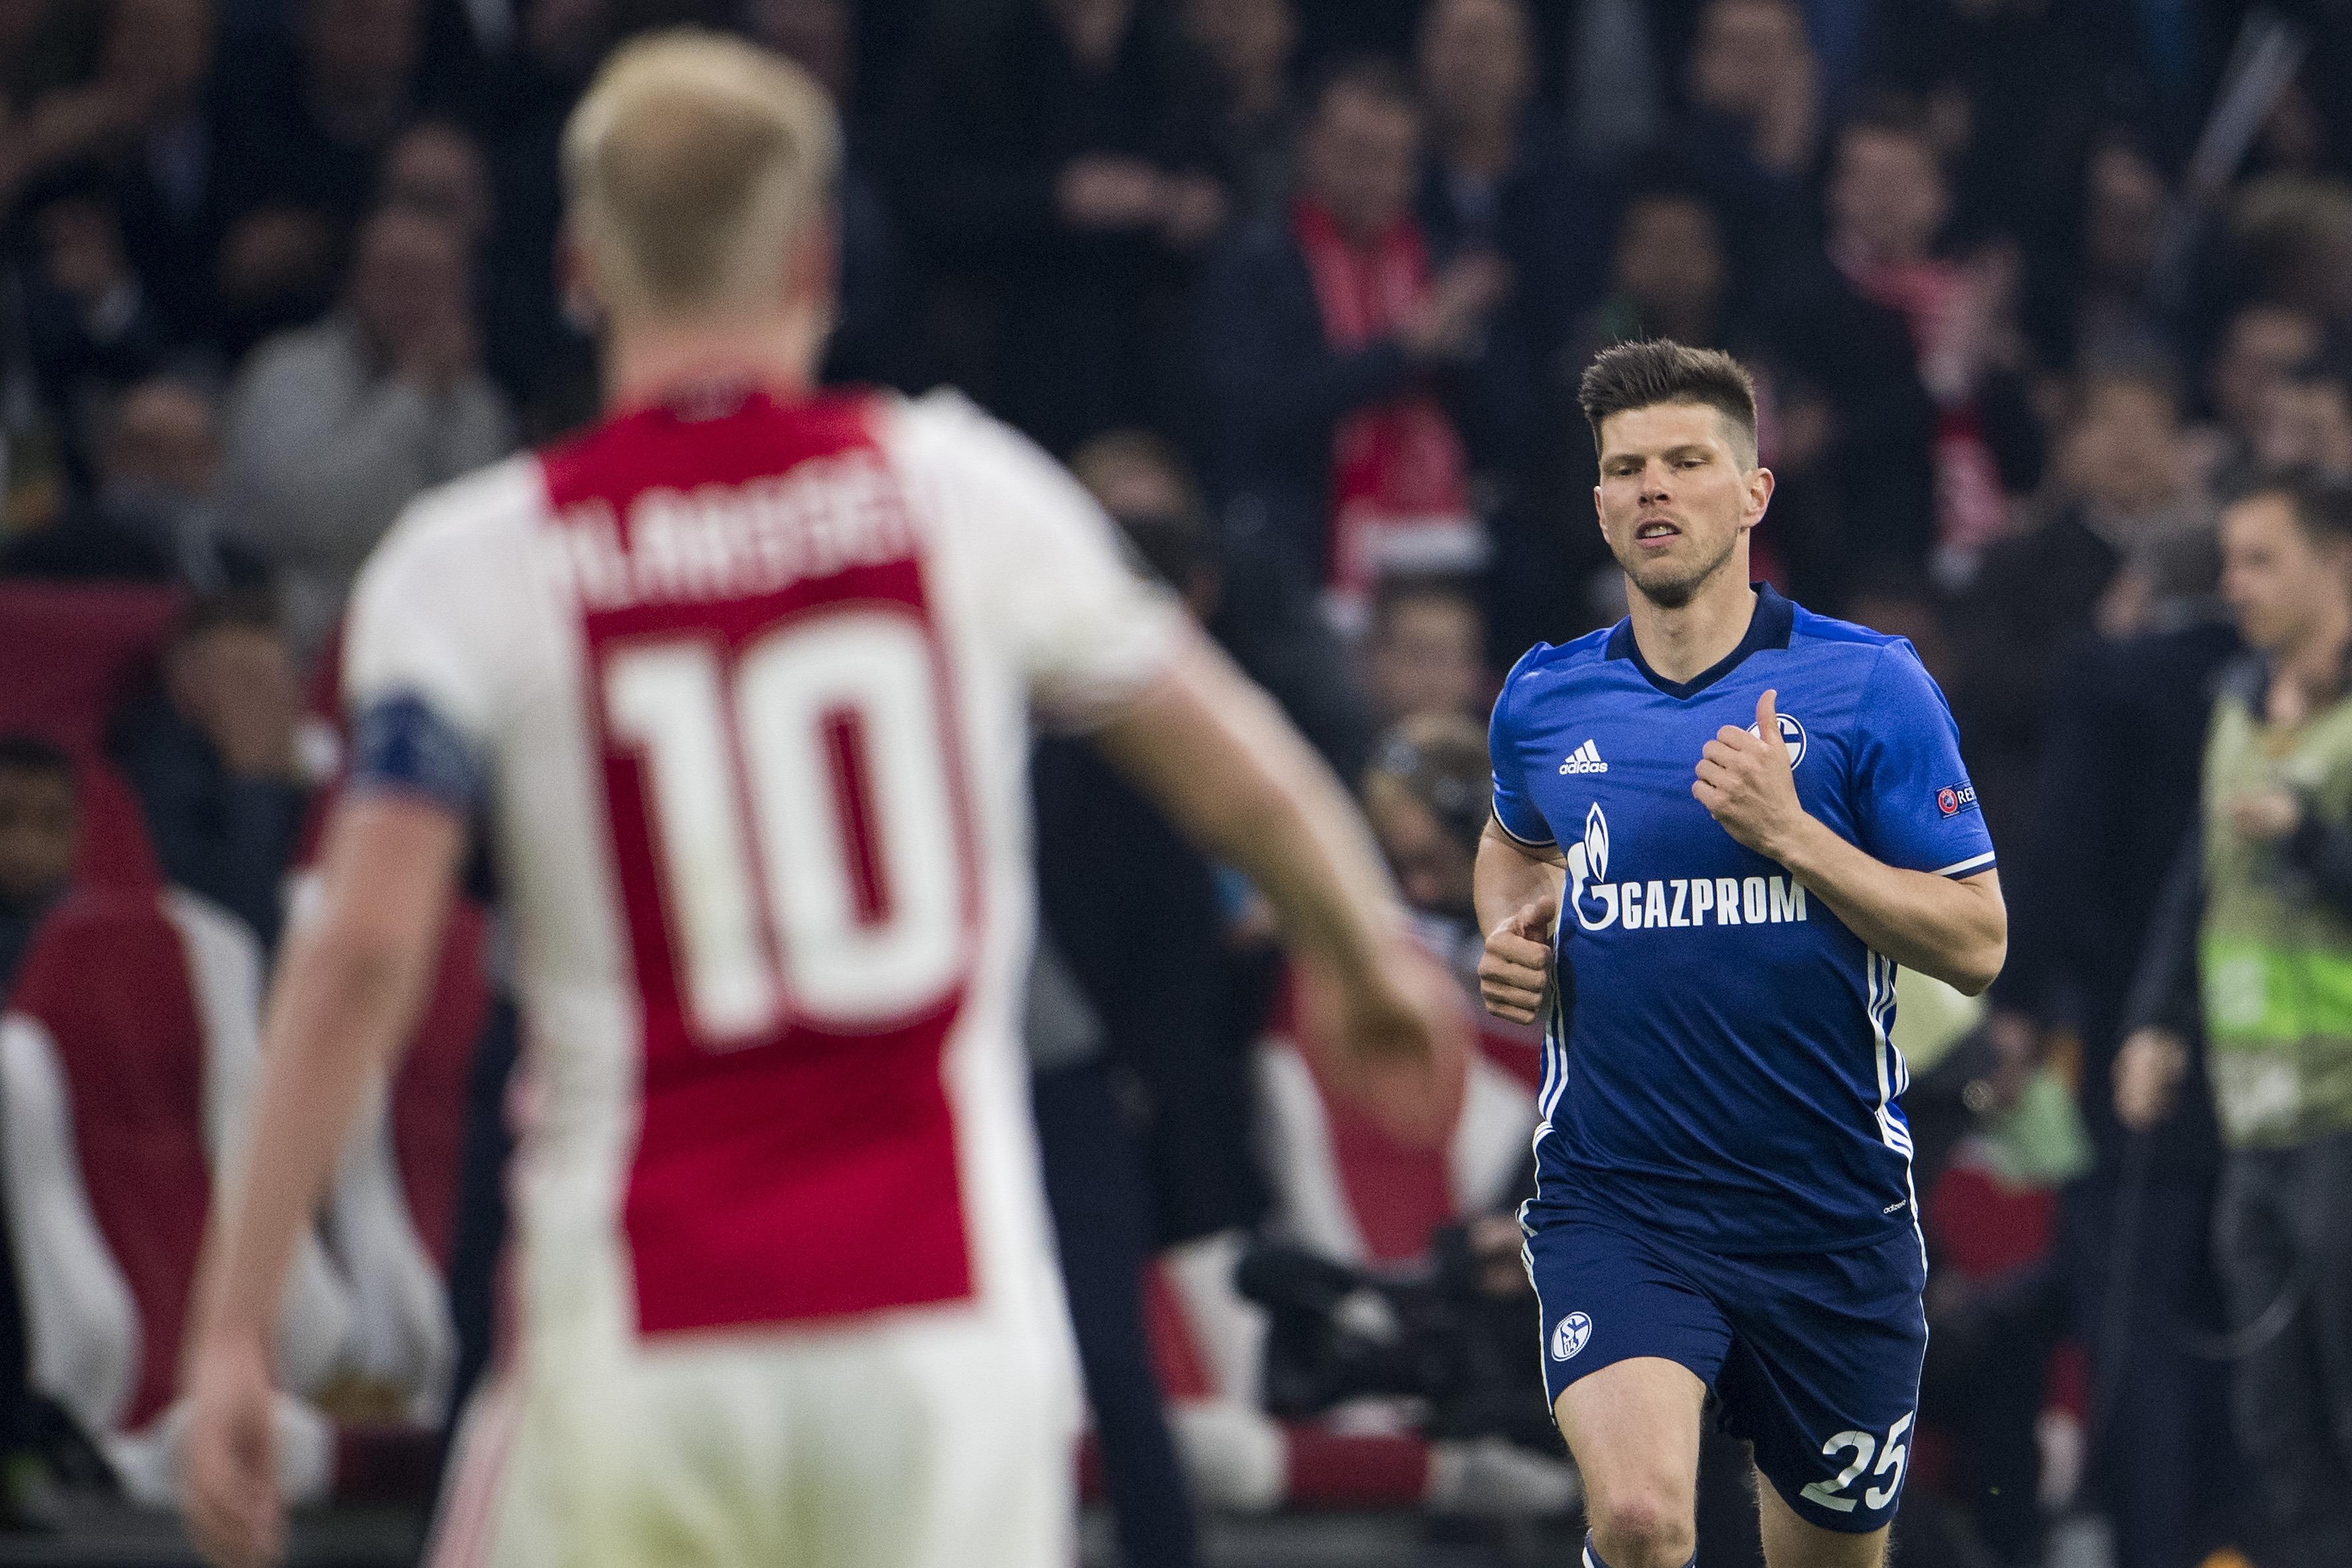 Vijf bijzondere momenten uit de carri¨re van Klaas Jan Huntelaar